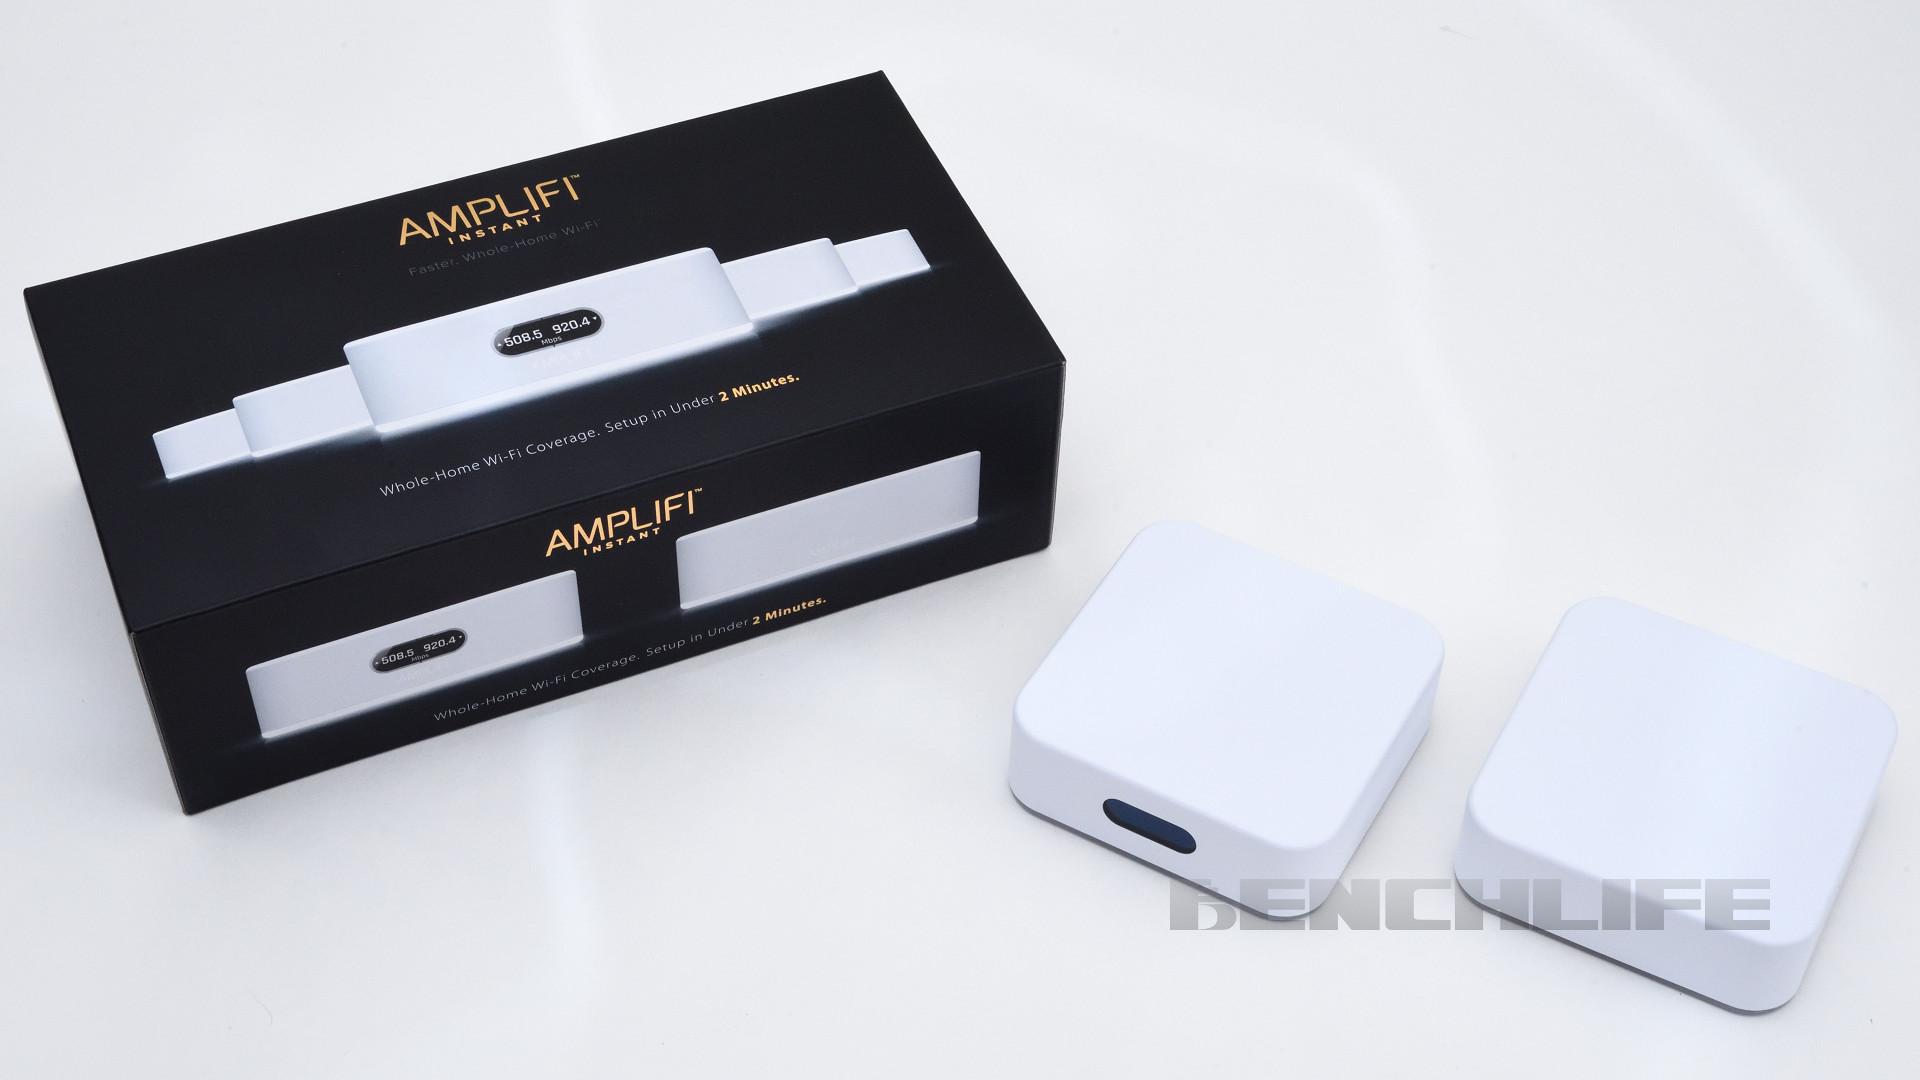 精緻小巧、有新鮮感、簡單易用,Ubiquiti AmpliFi Instant 動手玩